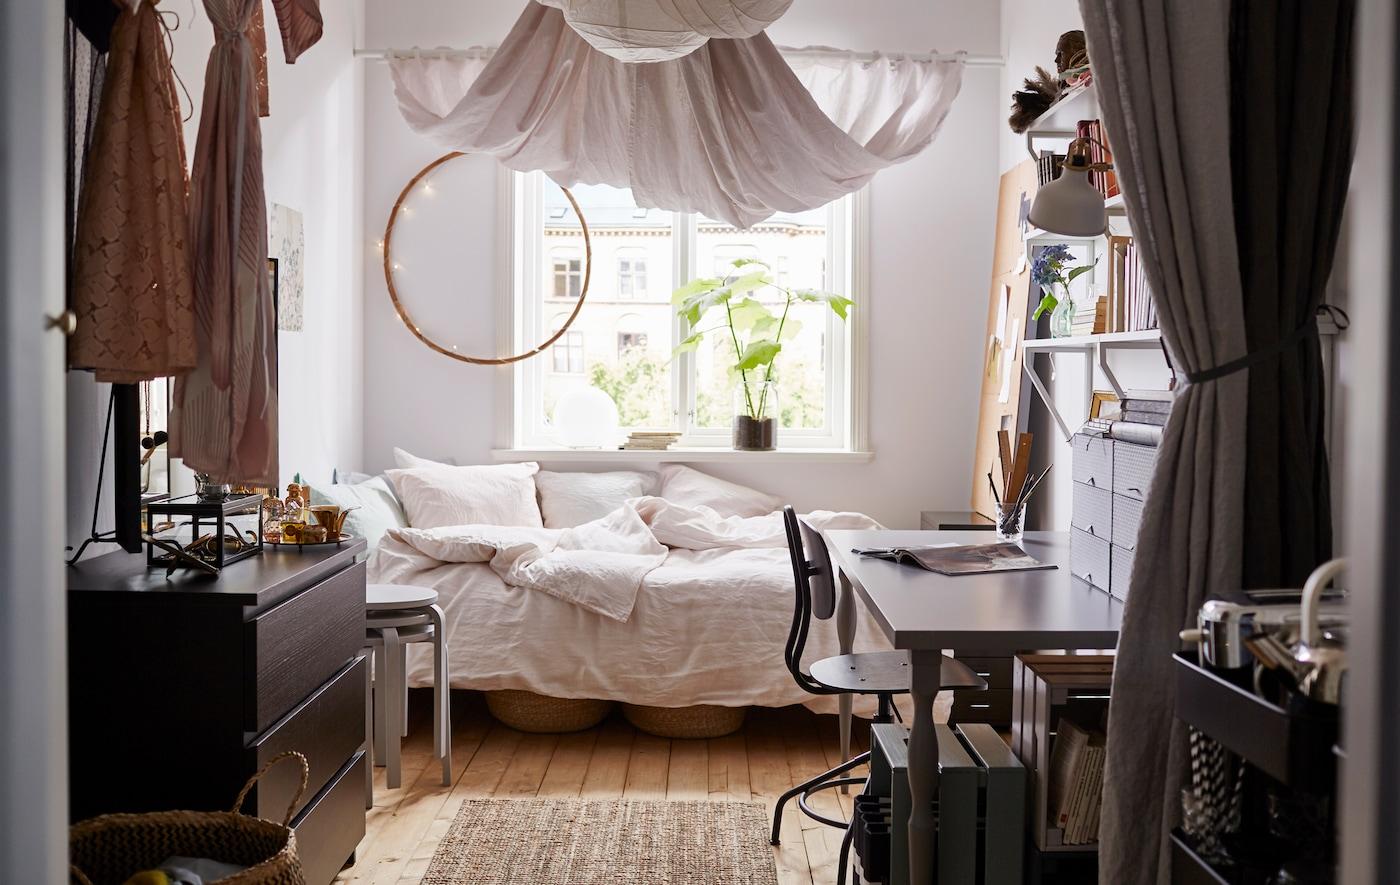 Wohnheimzimmer mit Tagesbett, Schreibtisch & Kommode in hellen & dunklen Farbkontrasten